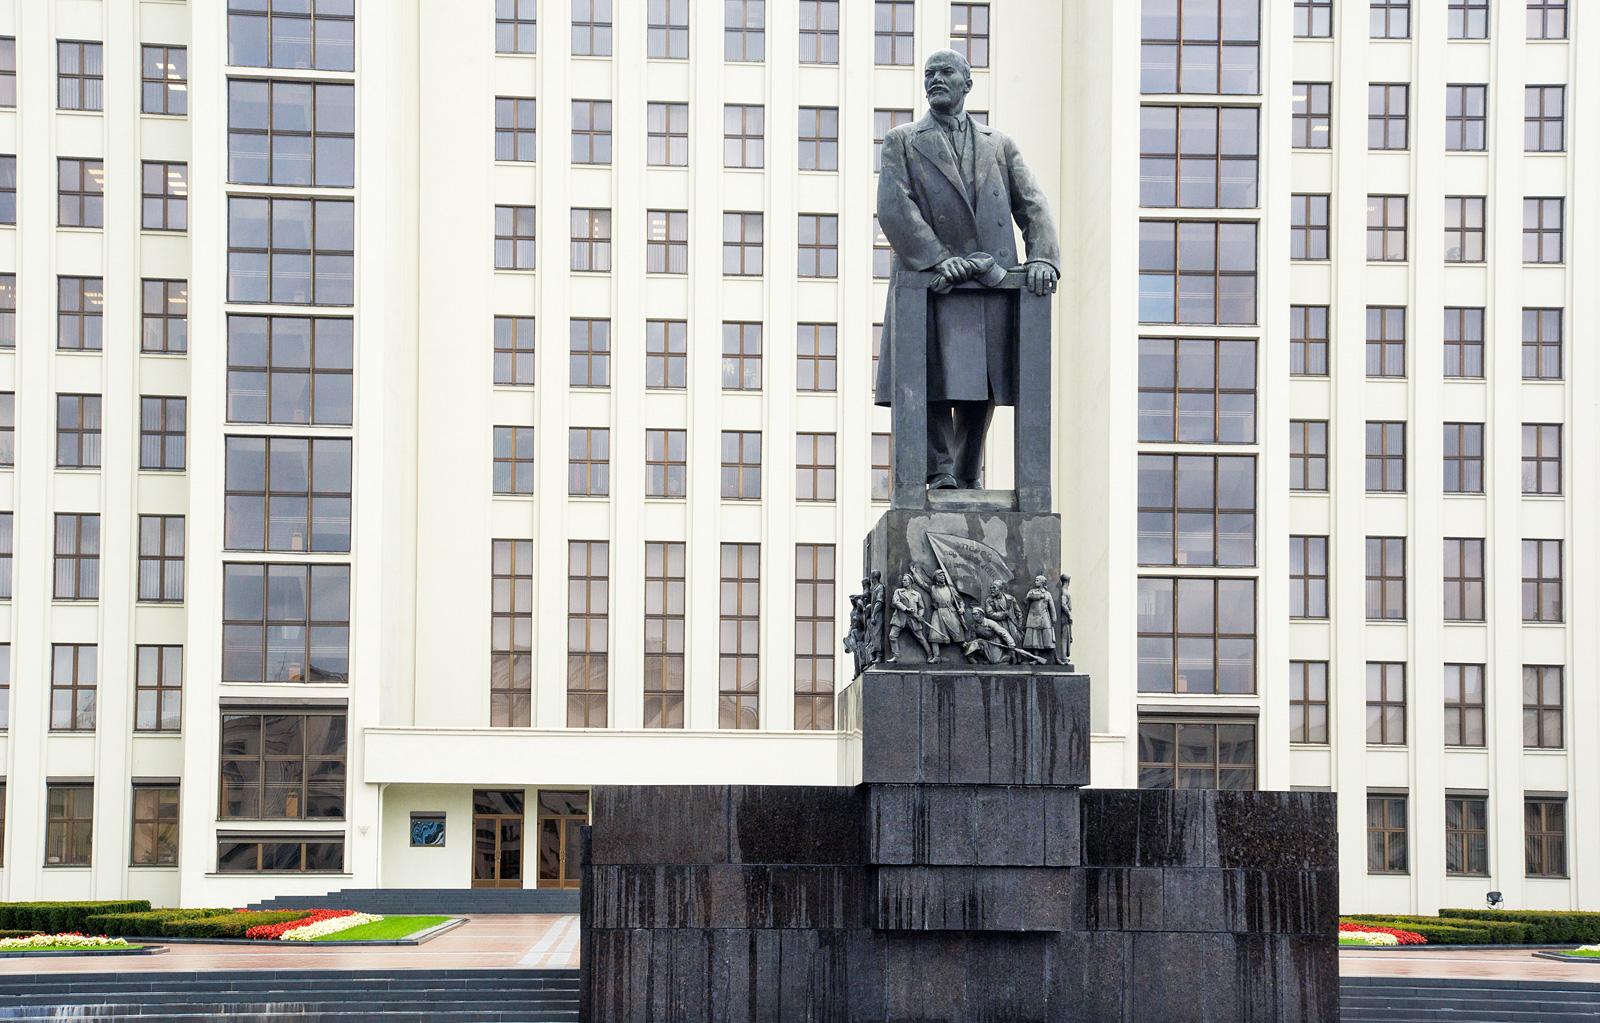 Топ-5 фактов о Минске, которые будут интересны жителям постсоветского пространства